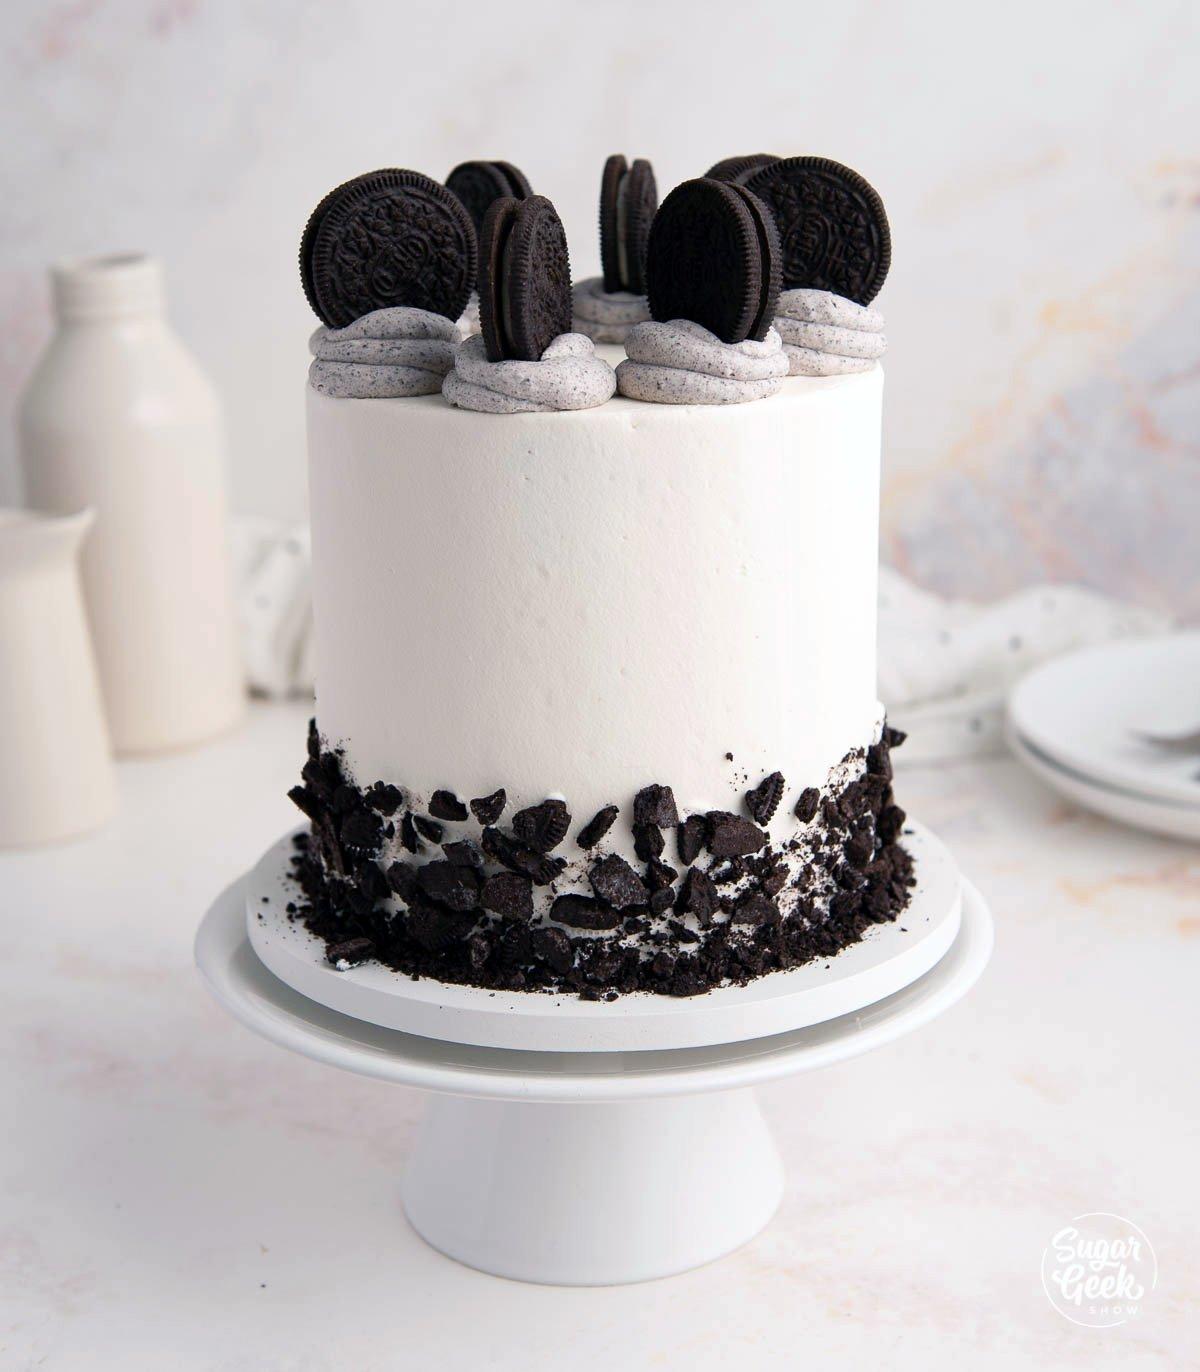 Finished Oreo cake